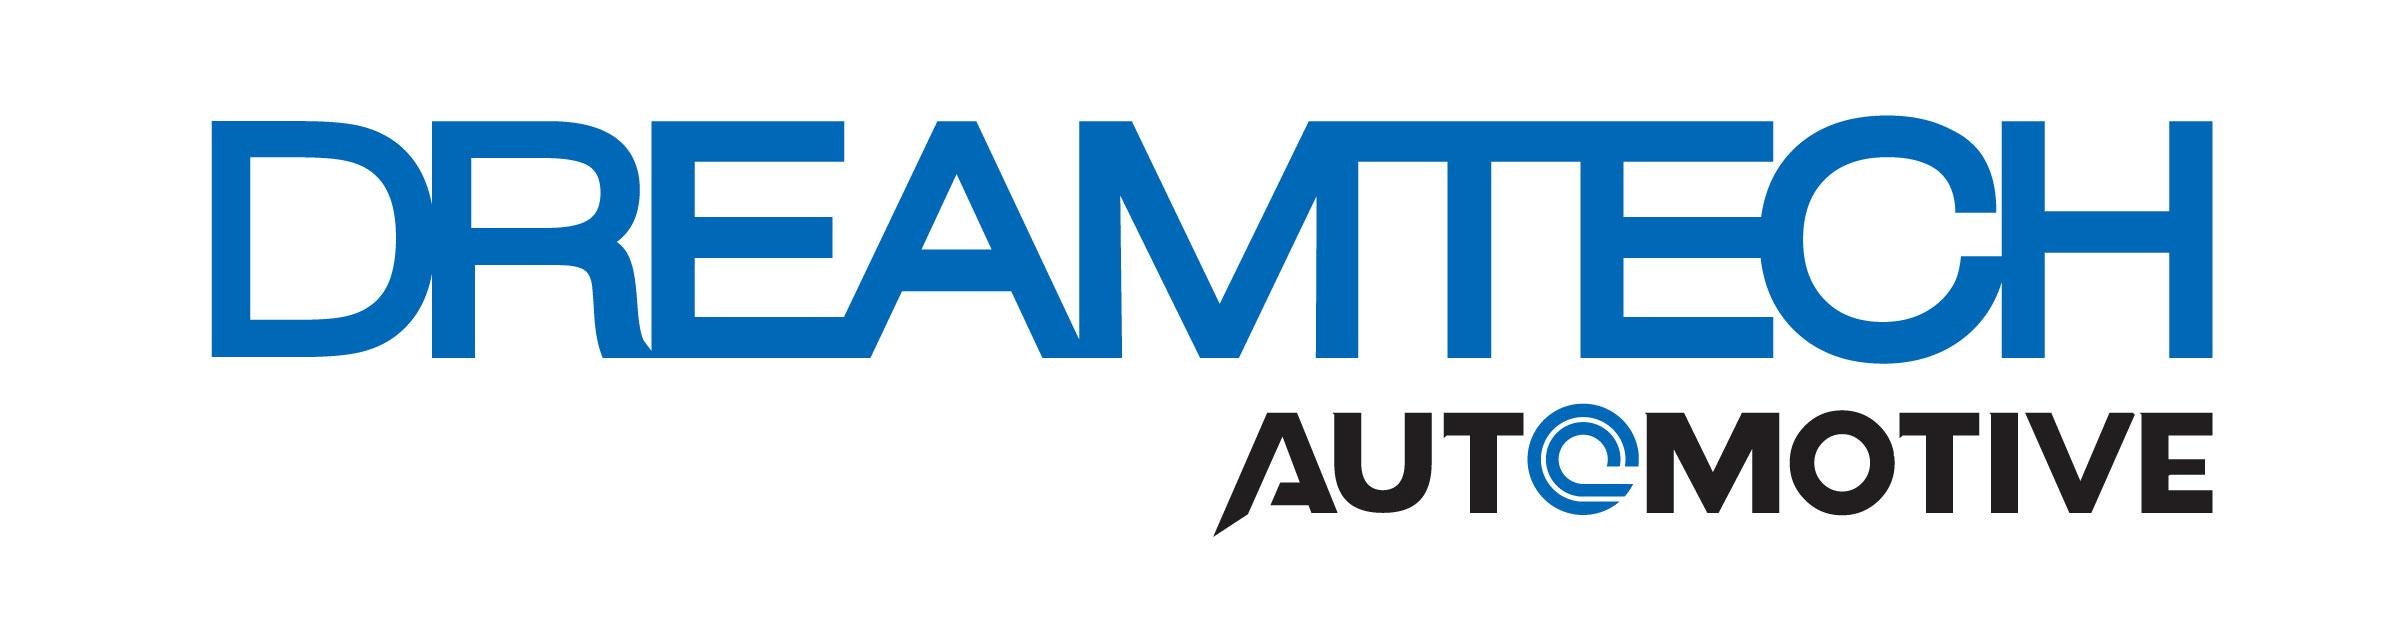 유니퀘스트의 계열사 (주)드림텍오토모티브의 로고